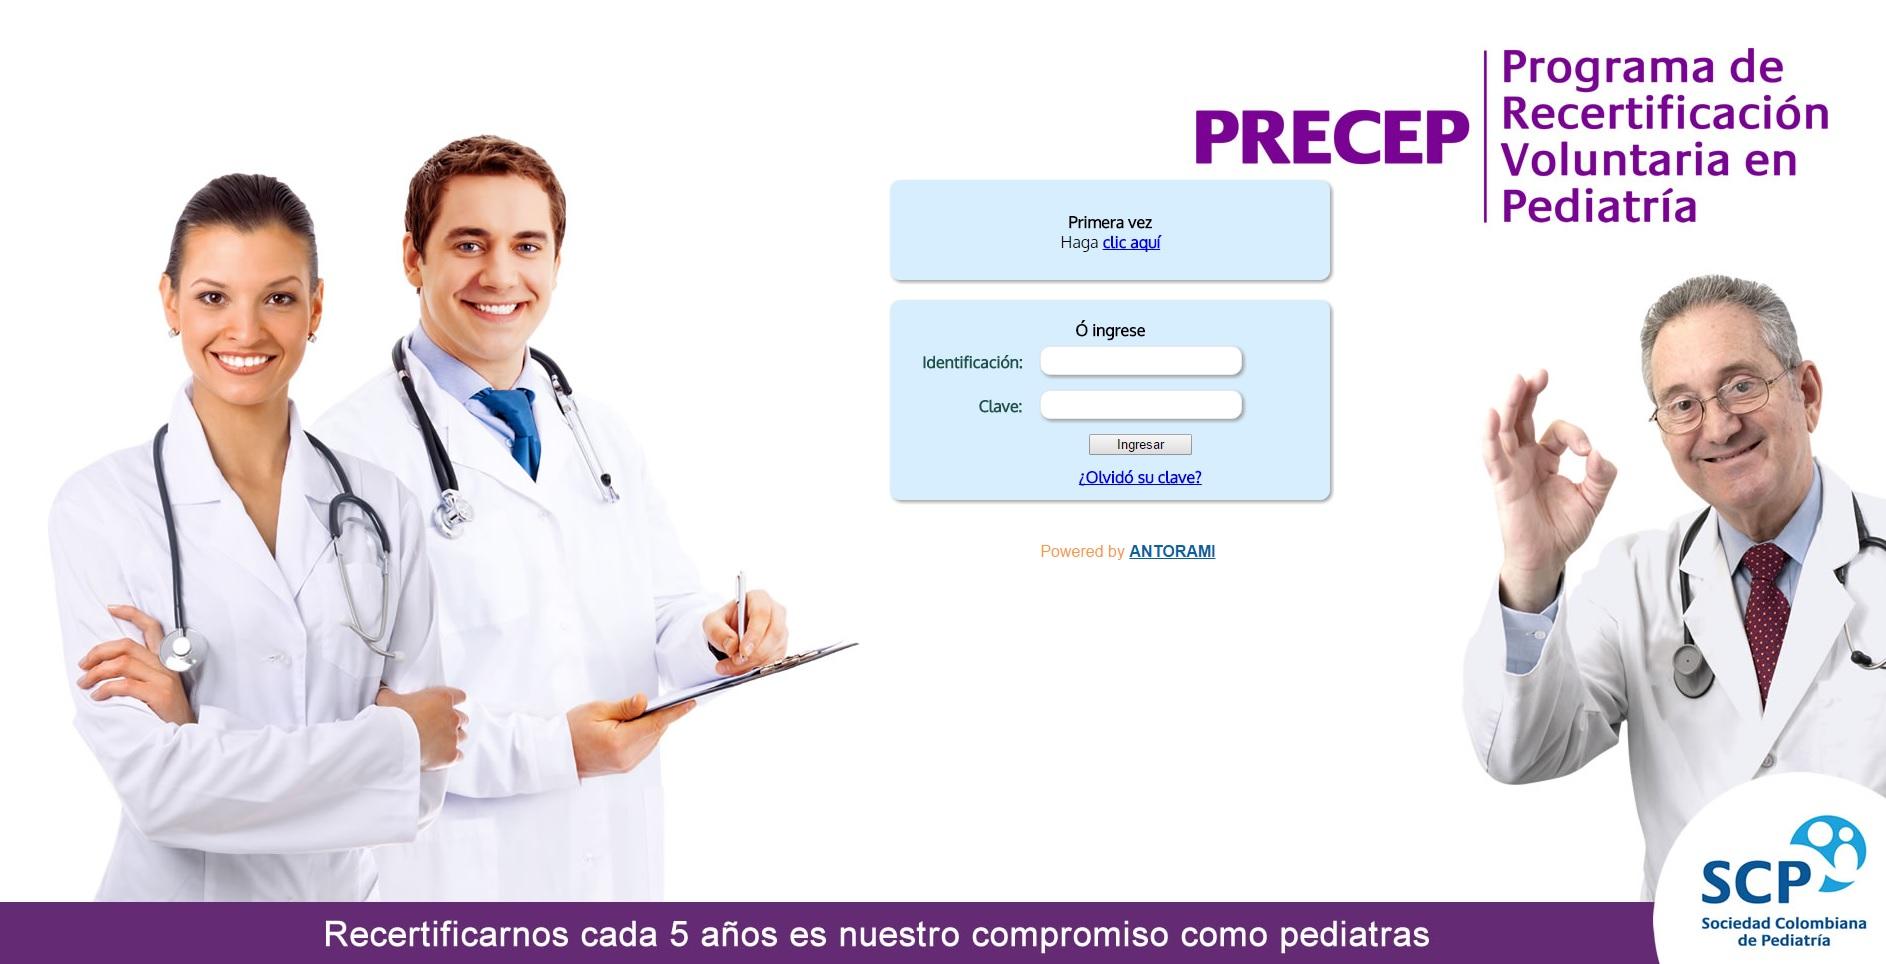 Programa de Recertificación Voluntaria en Pediatría: nuestro sello de calidad para los pediatras colombianos